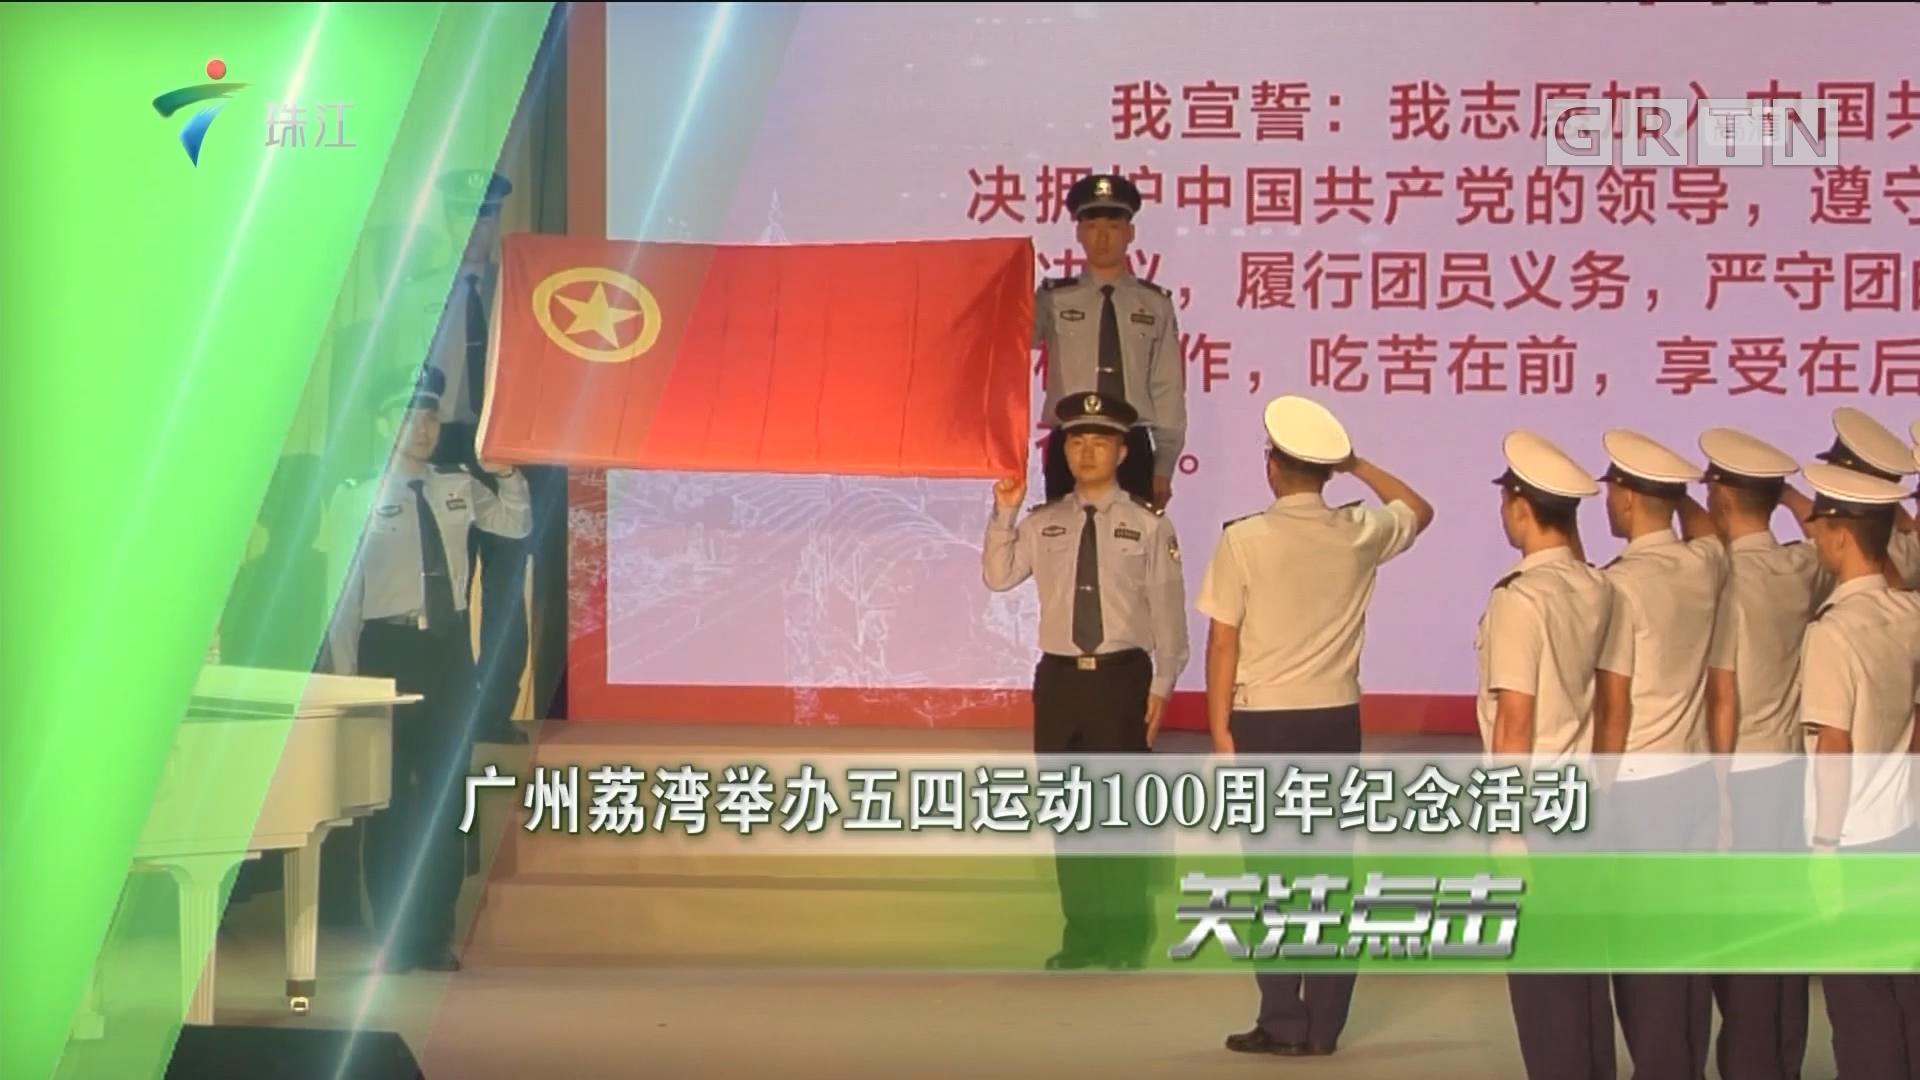 广州荔湾举办五四运动100周年纪念活动